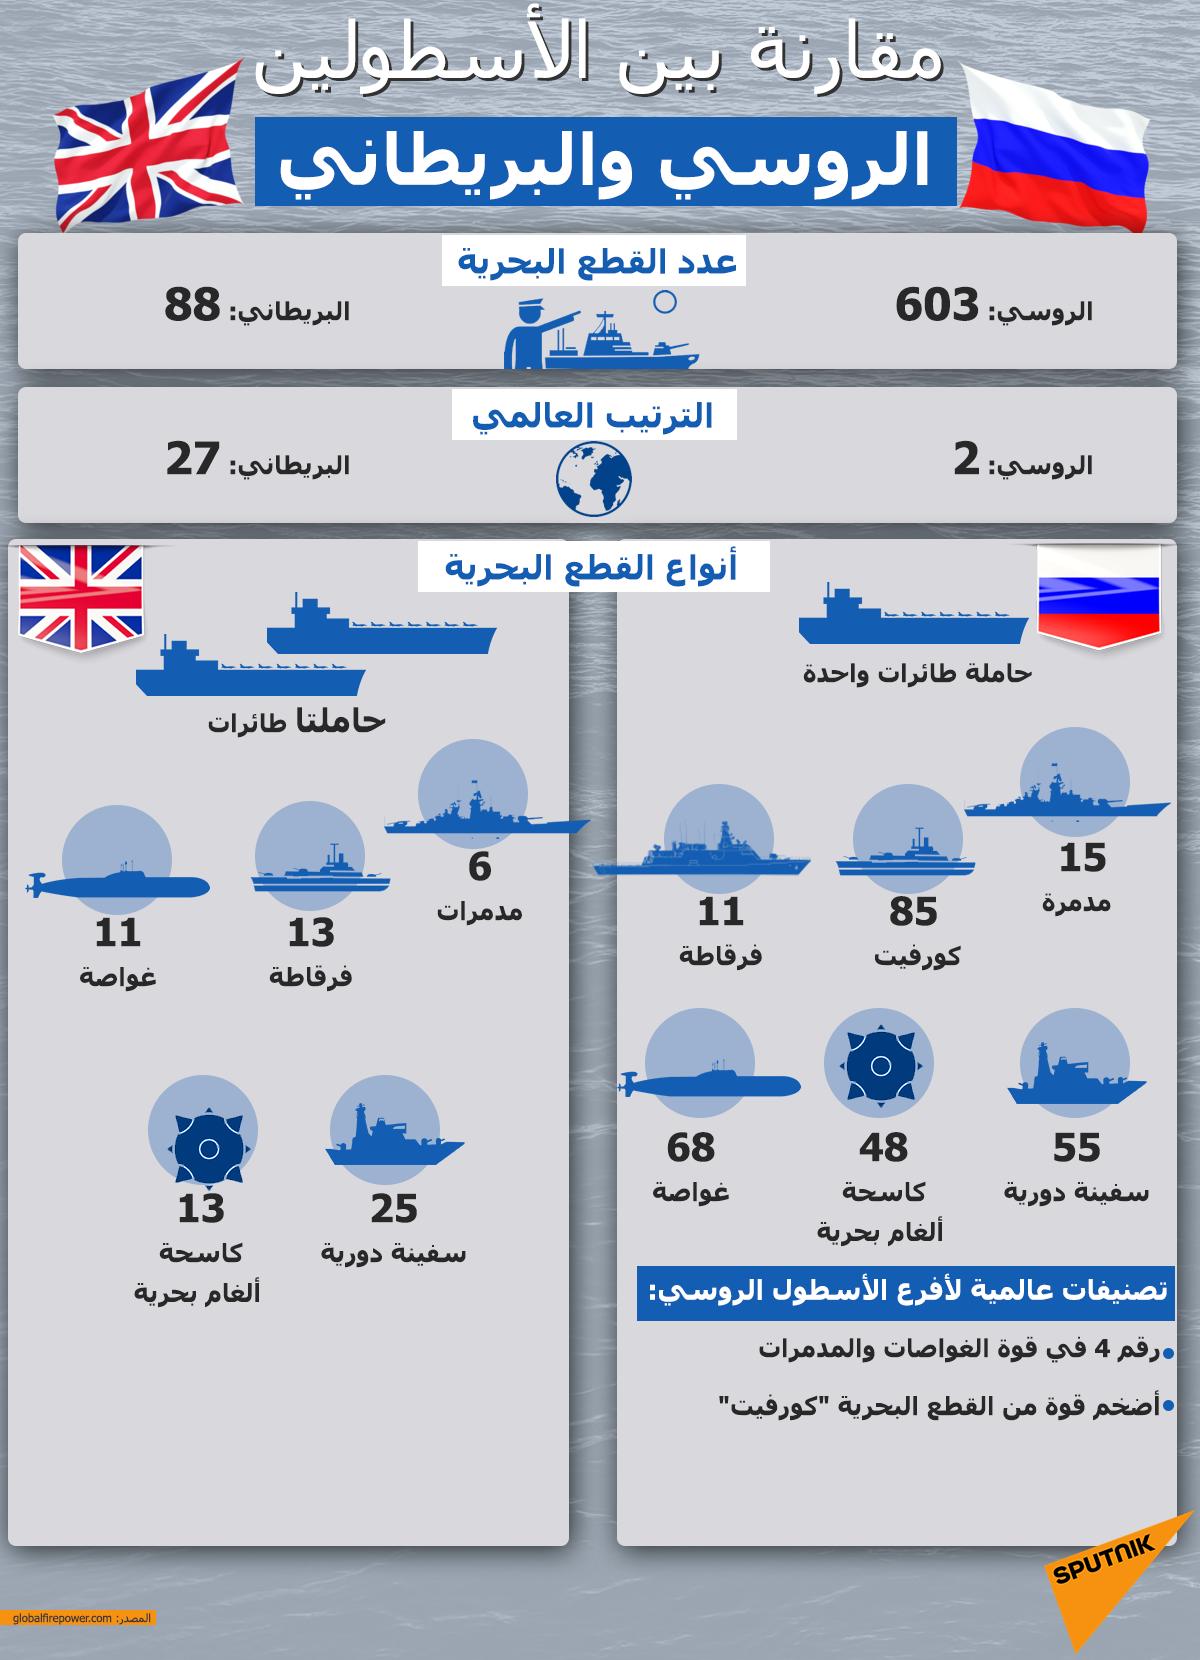 مقارنة بين الأسطولين الروسي والبريطاني